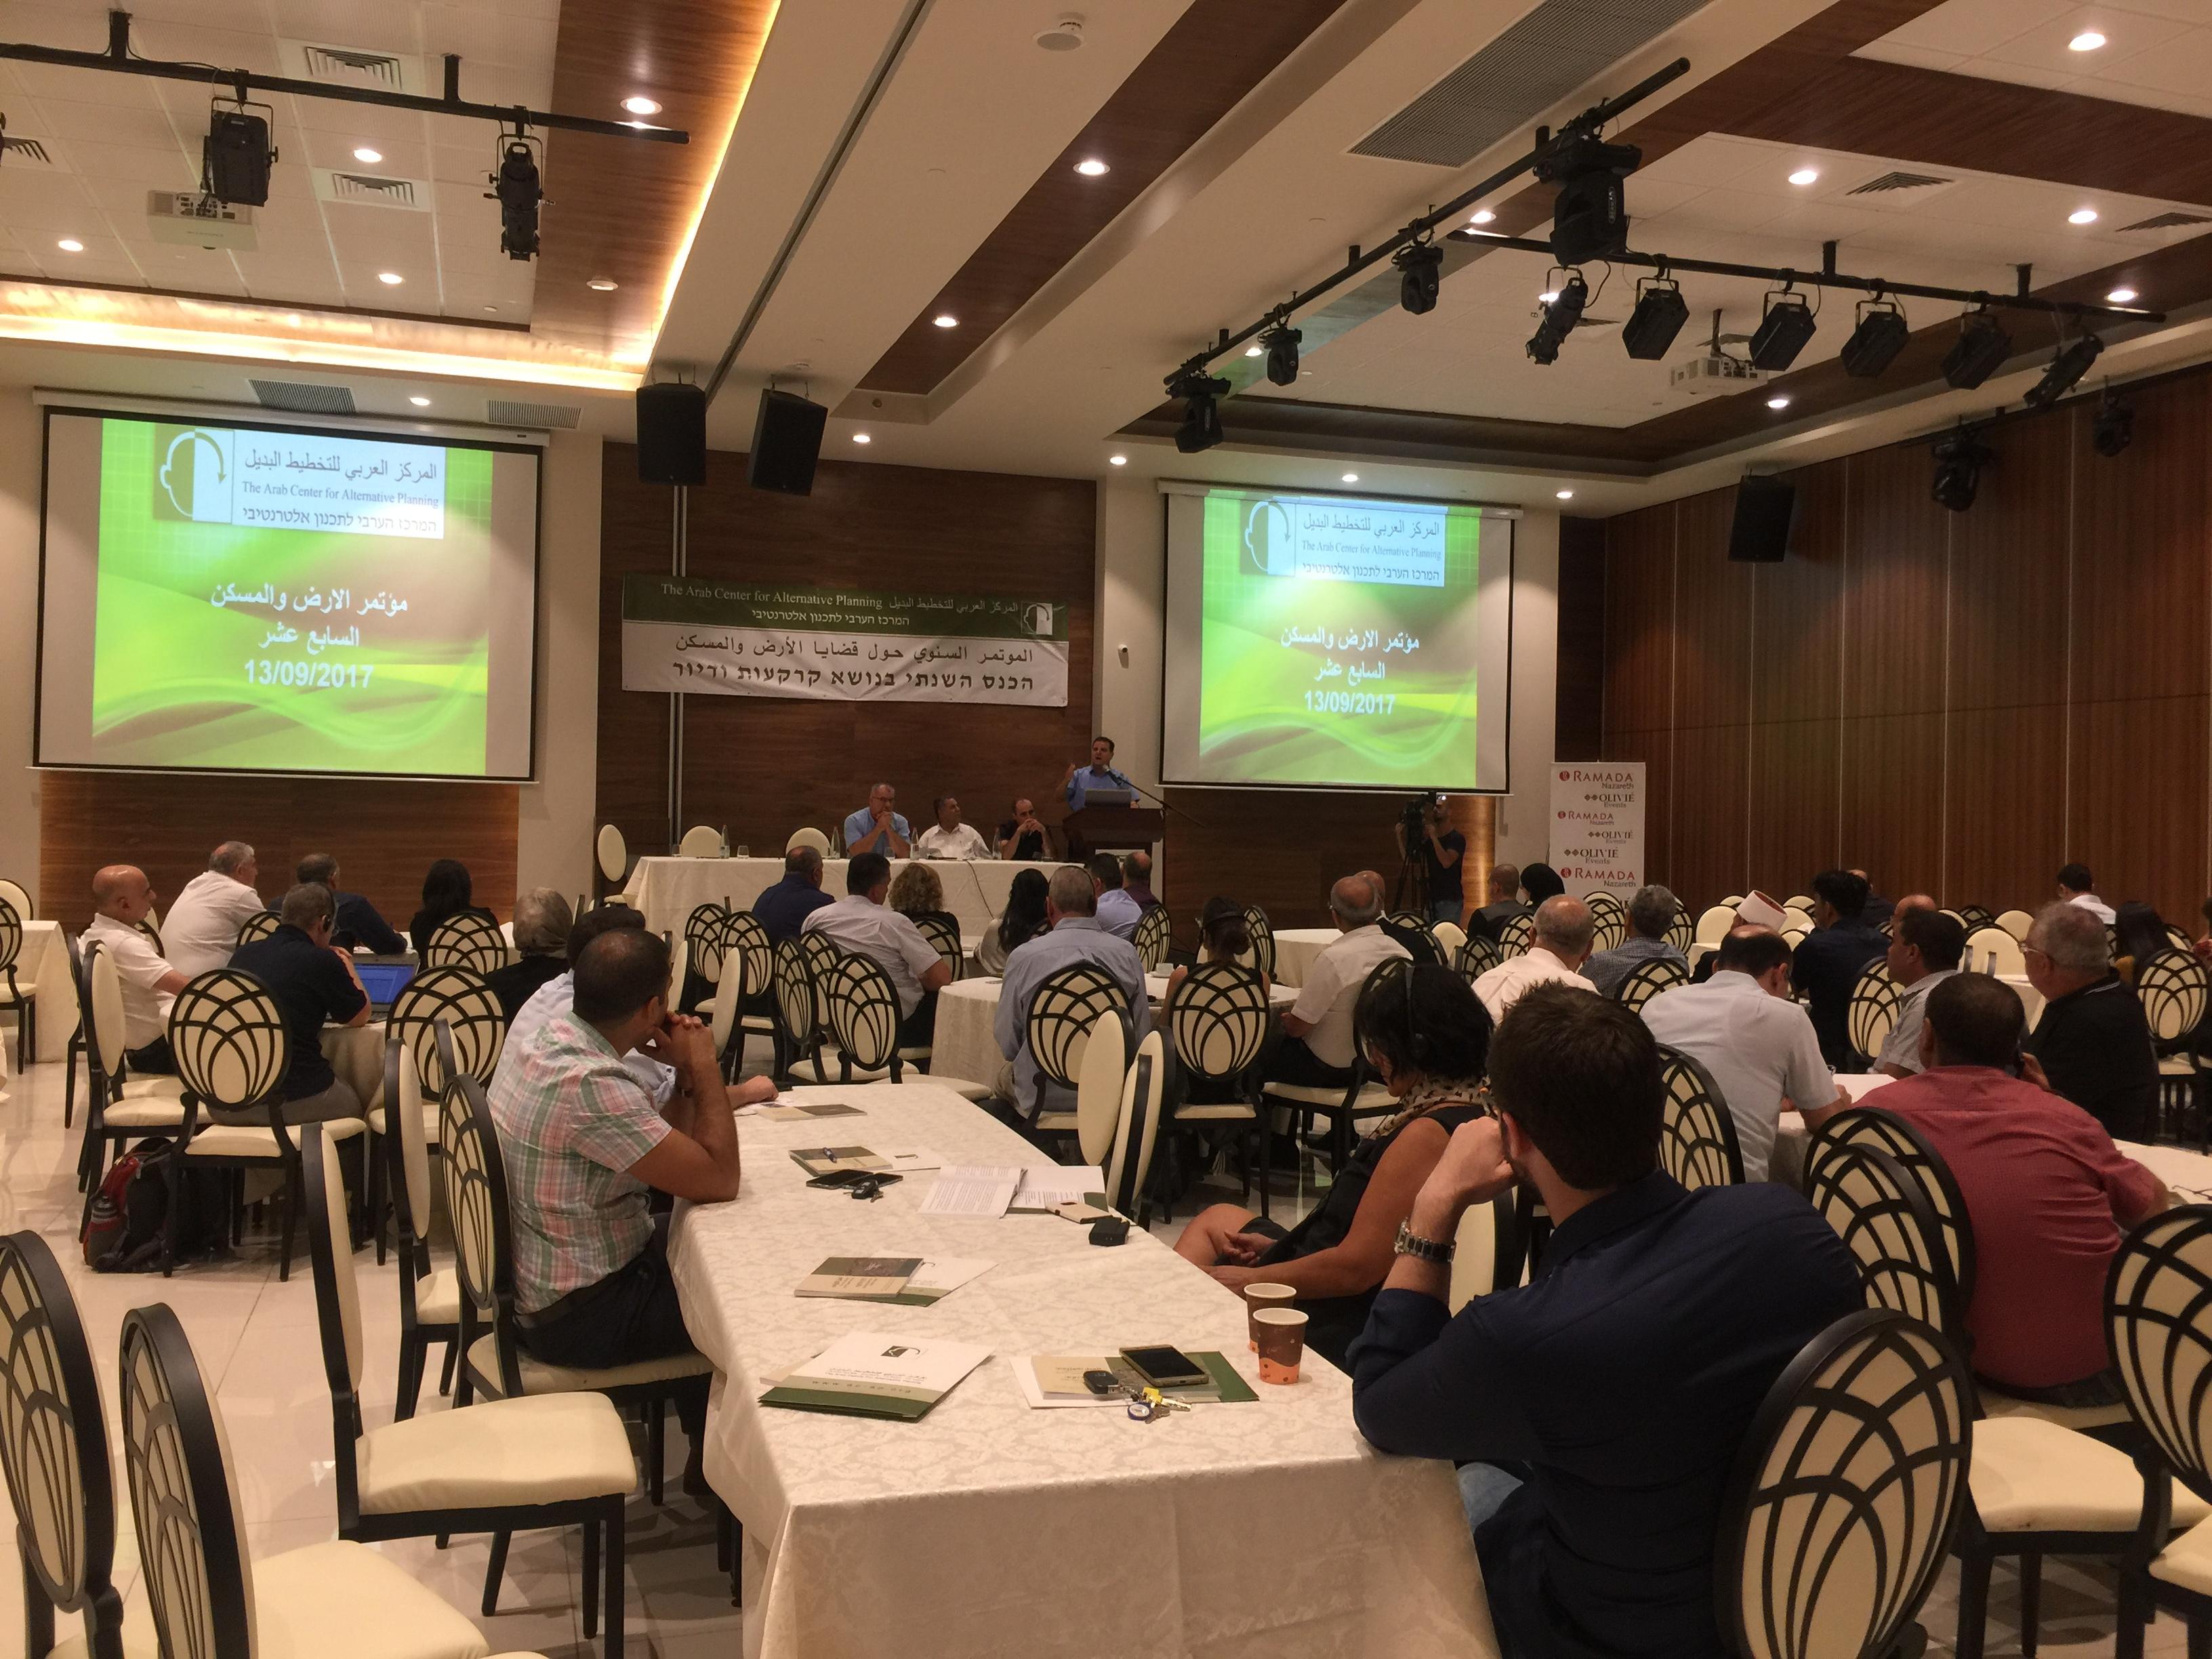 المؤتمر السابع عشر حول قضايا الأرض والمسكن